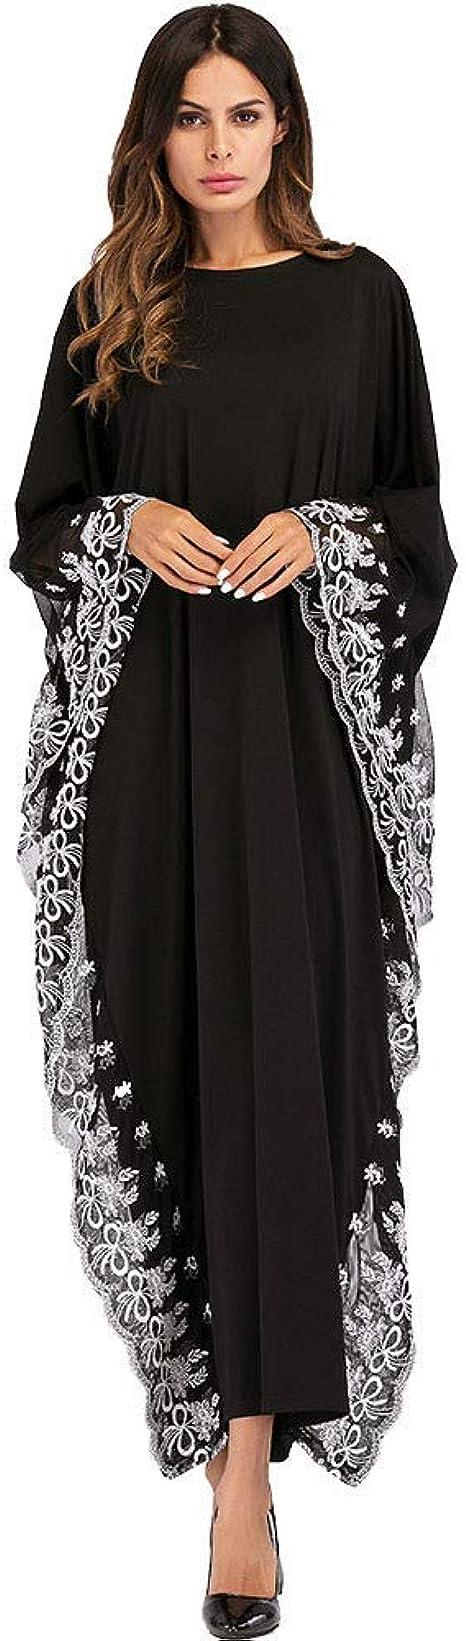 Damen Elegante Muslimische Kleider,Abaya Kaftan-Frauen